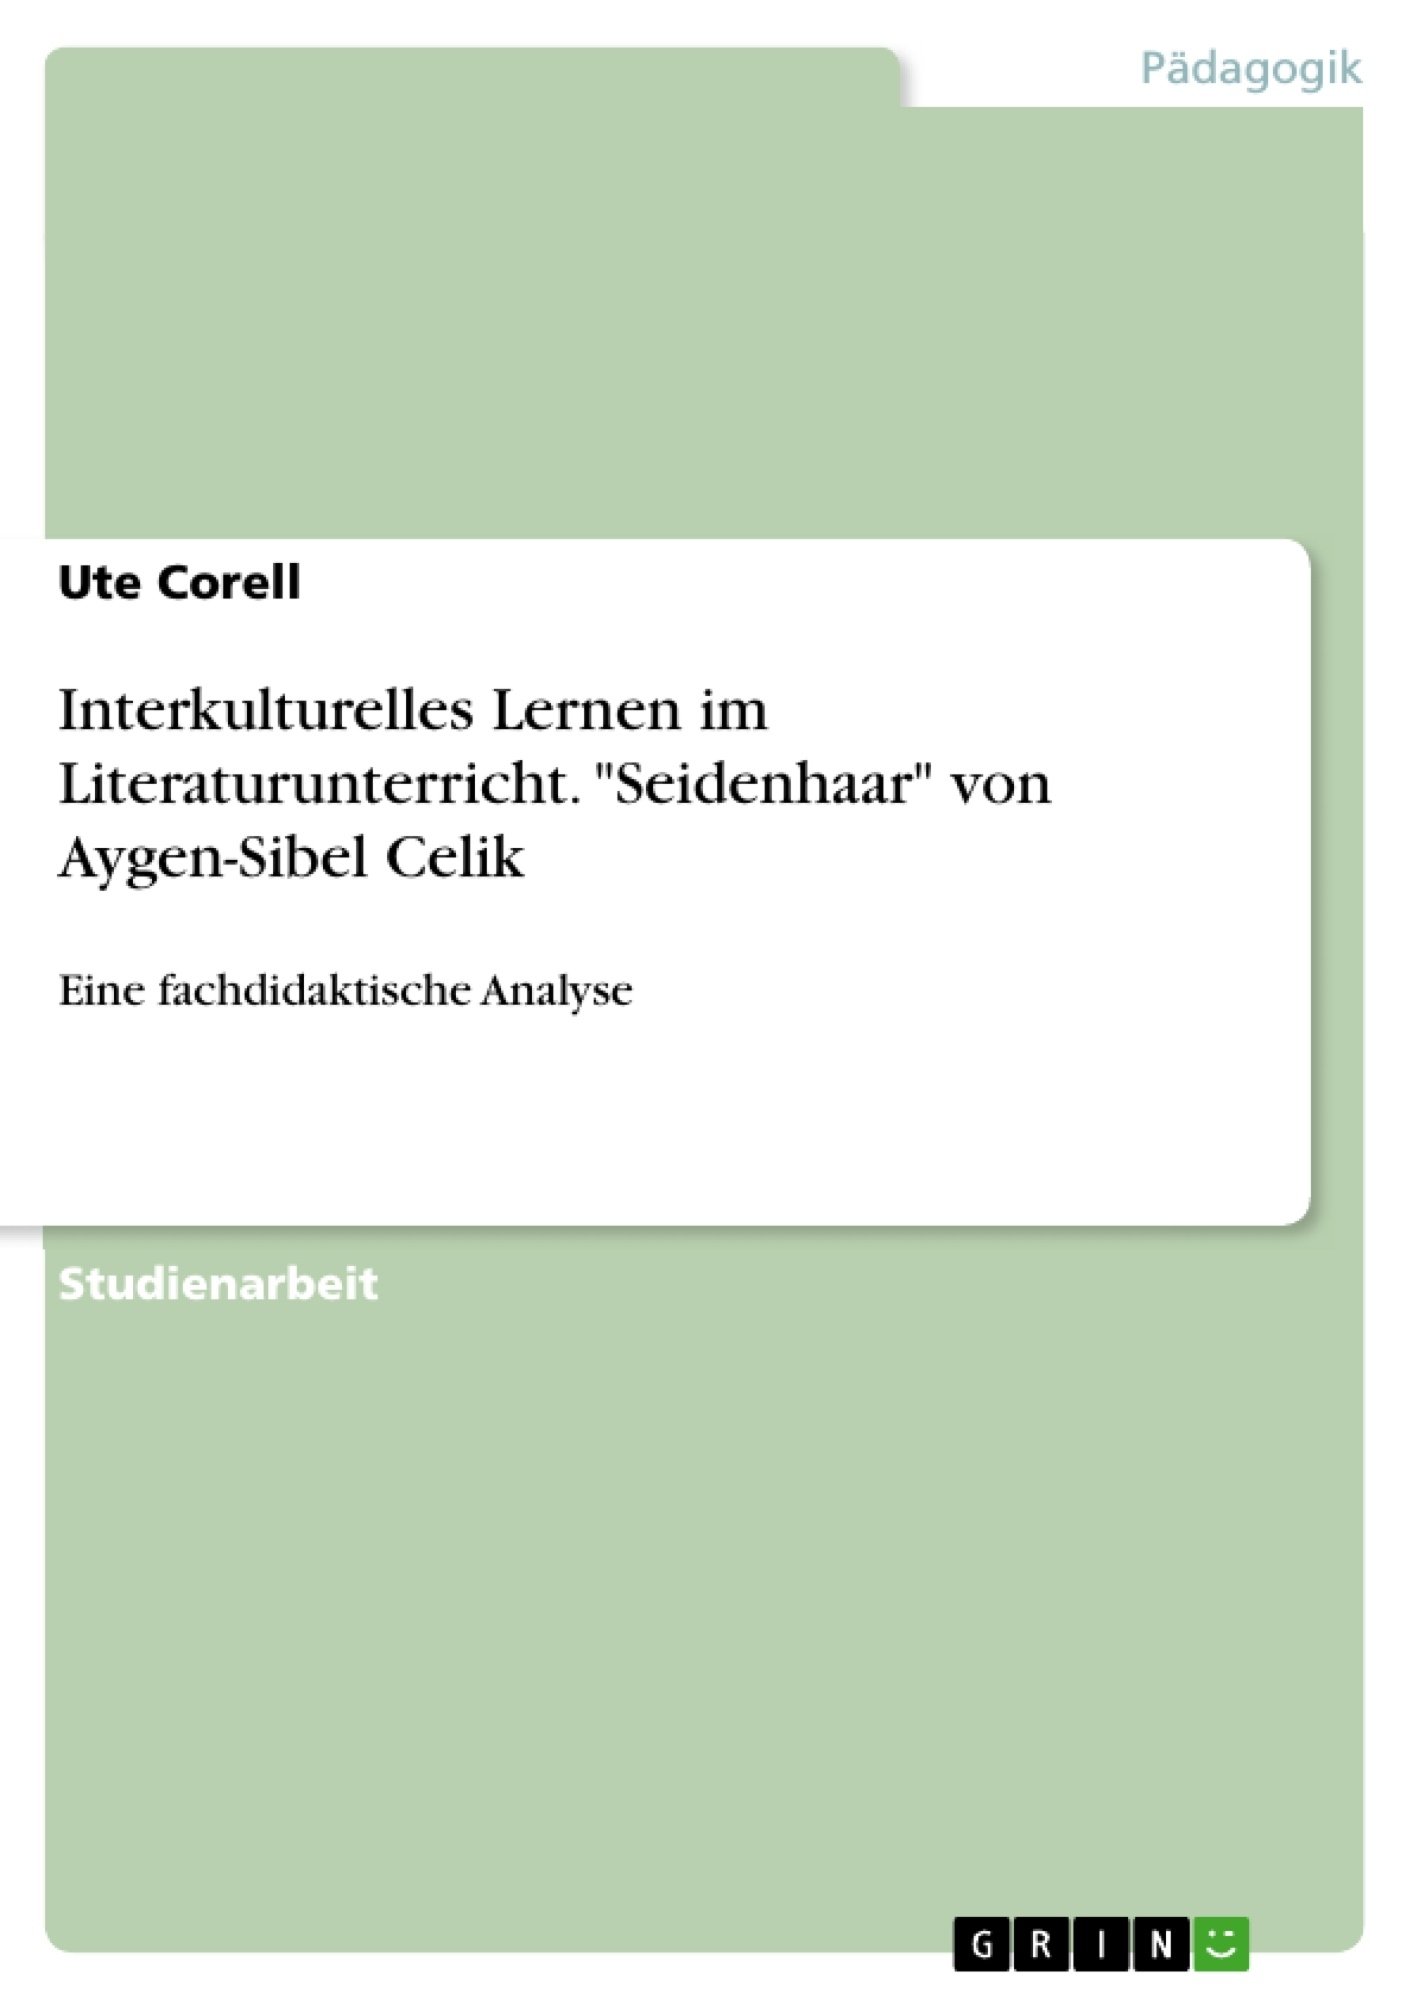 """Titel: Interkulturelles Lernen im Literaturunterricht. """"Seidenhaar"""" von Aygen-Sibel Celik"""